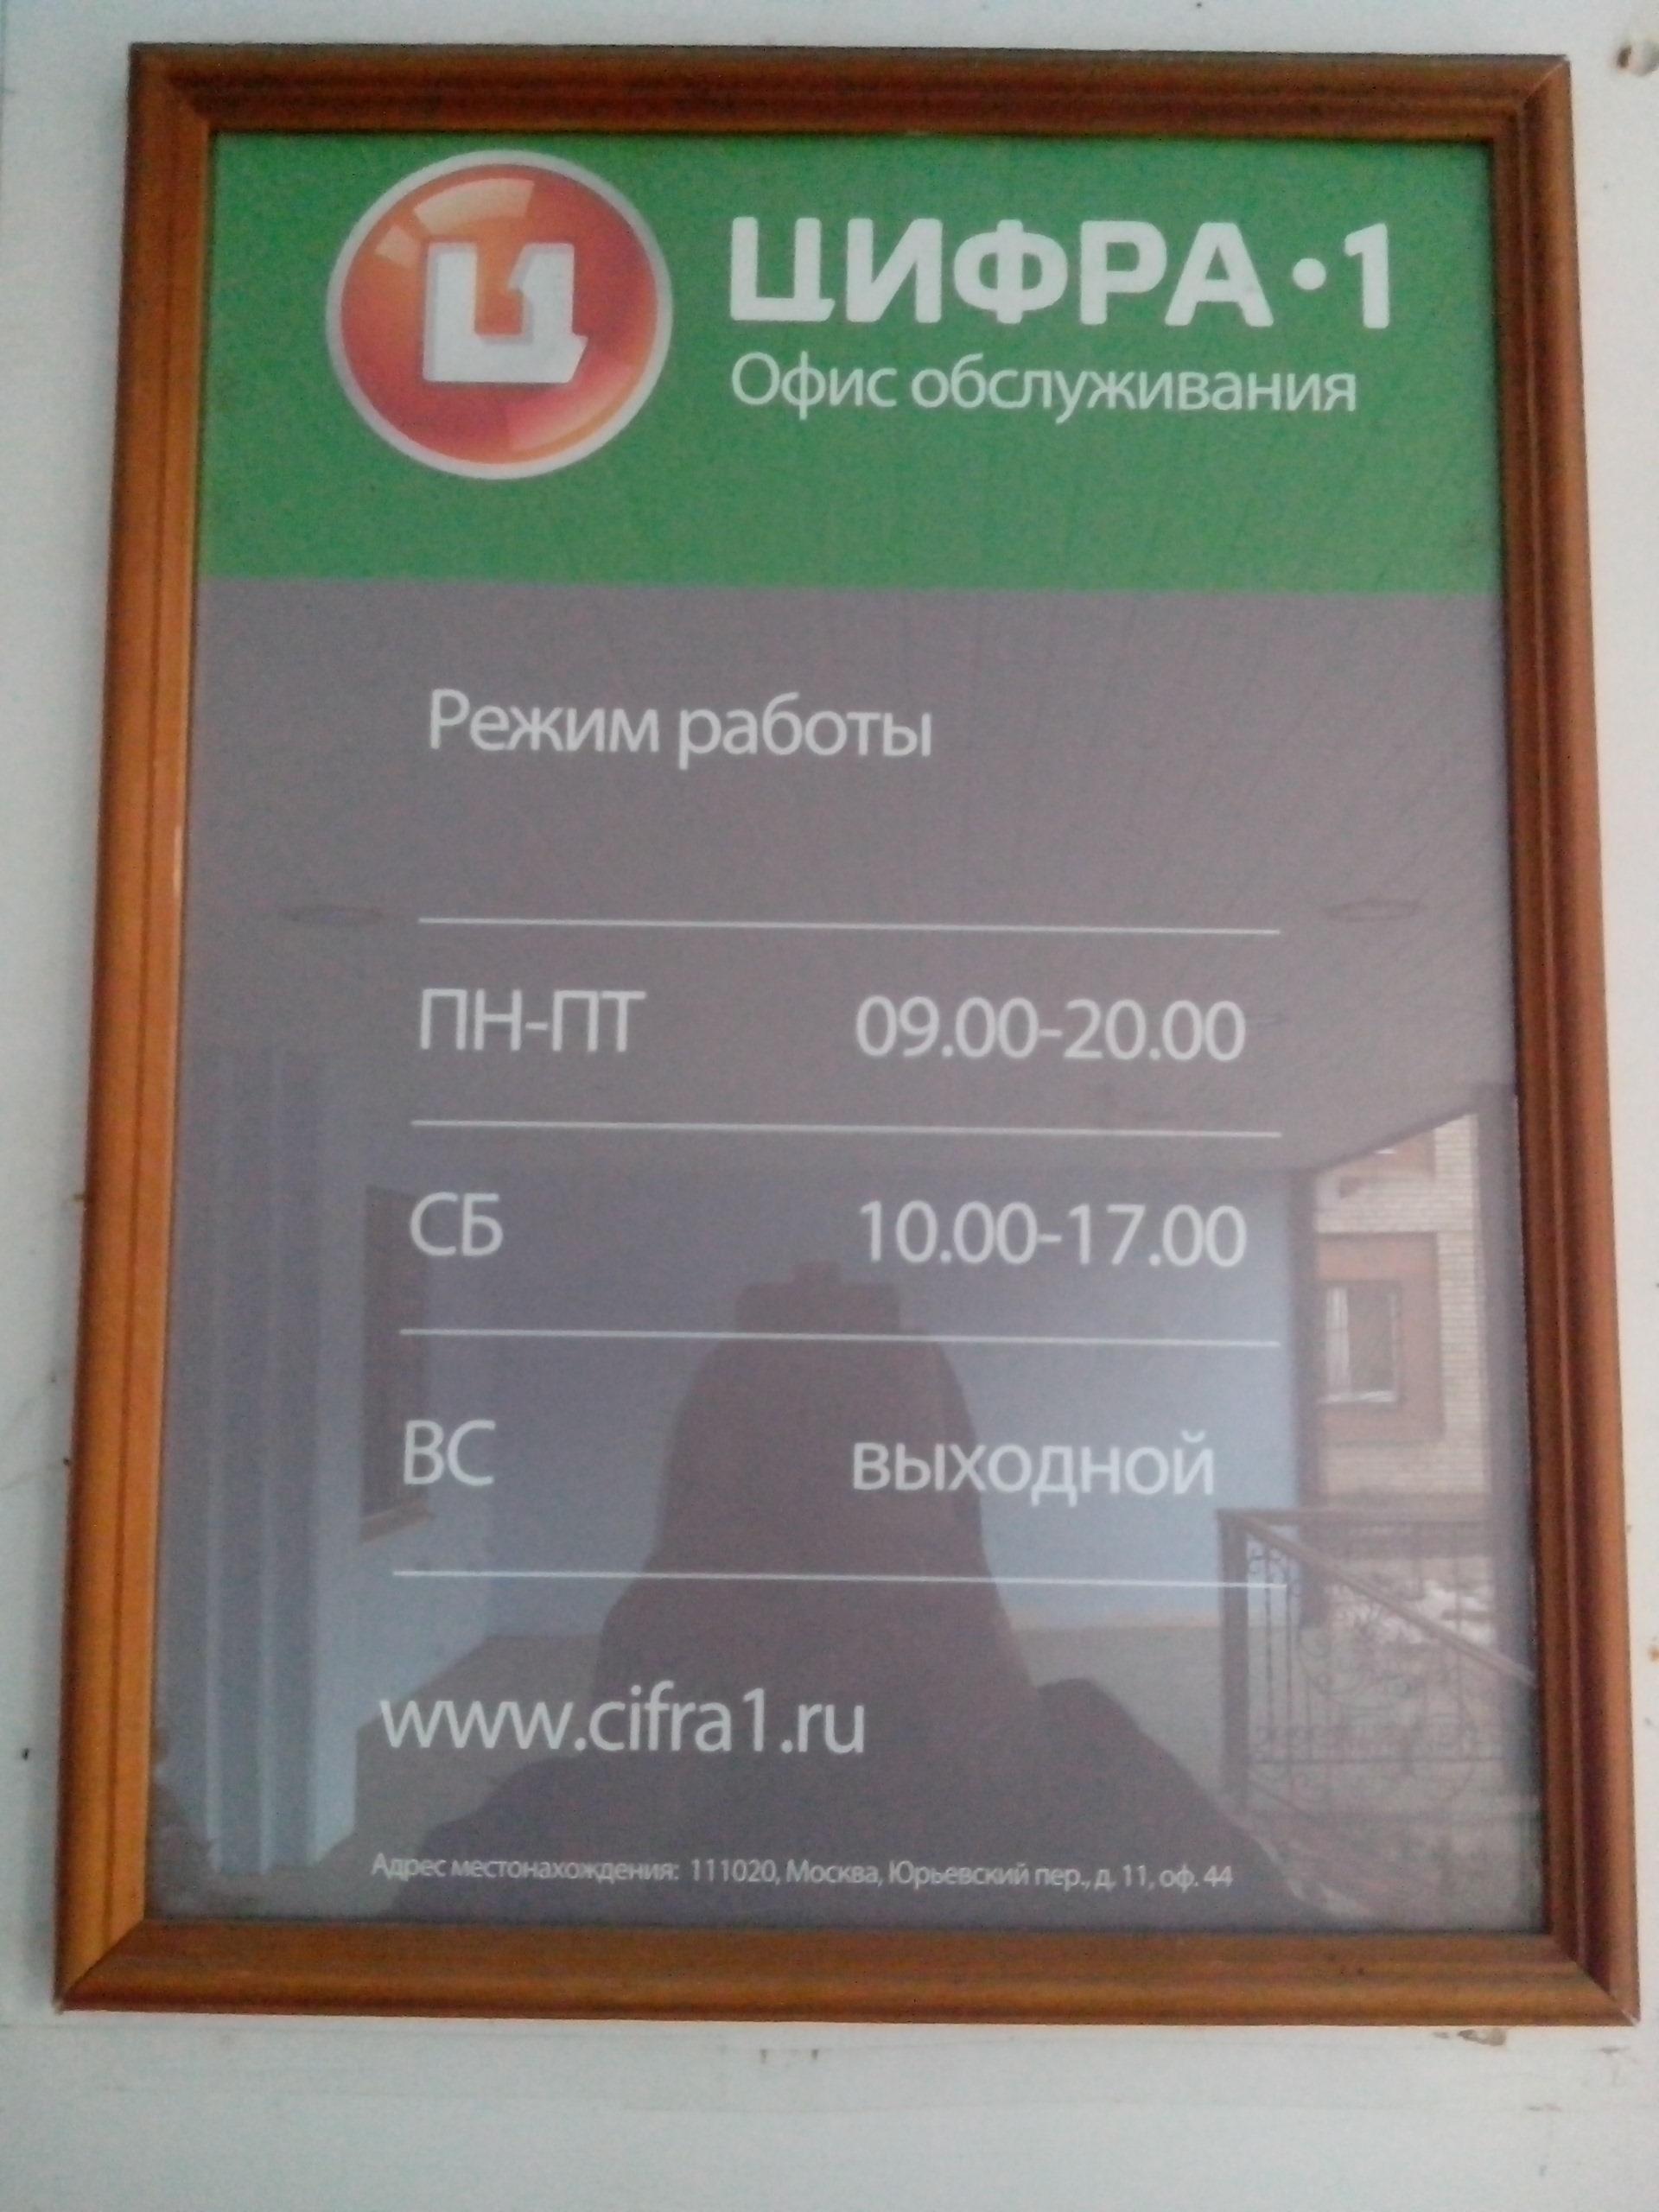 ООО Цифра1